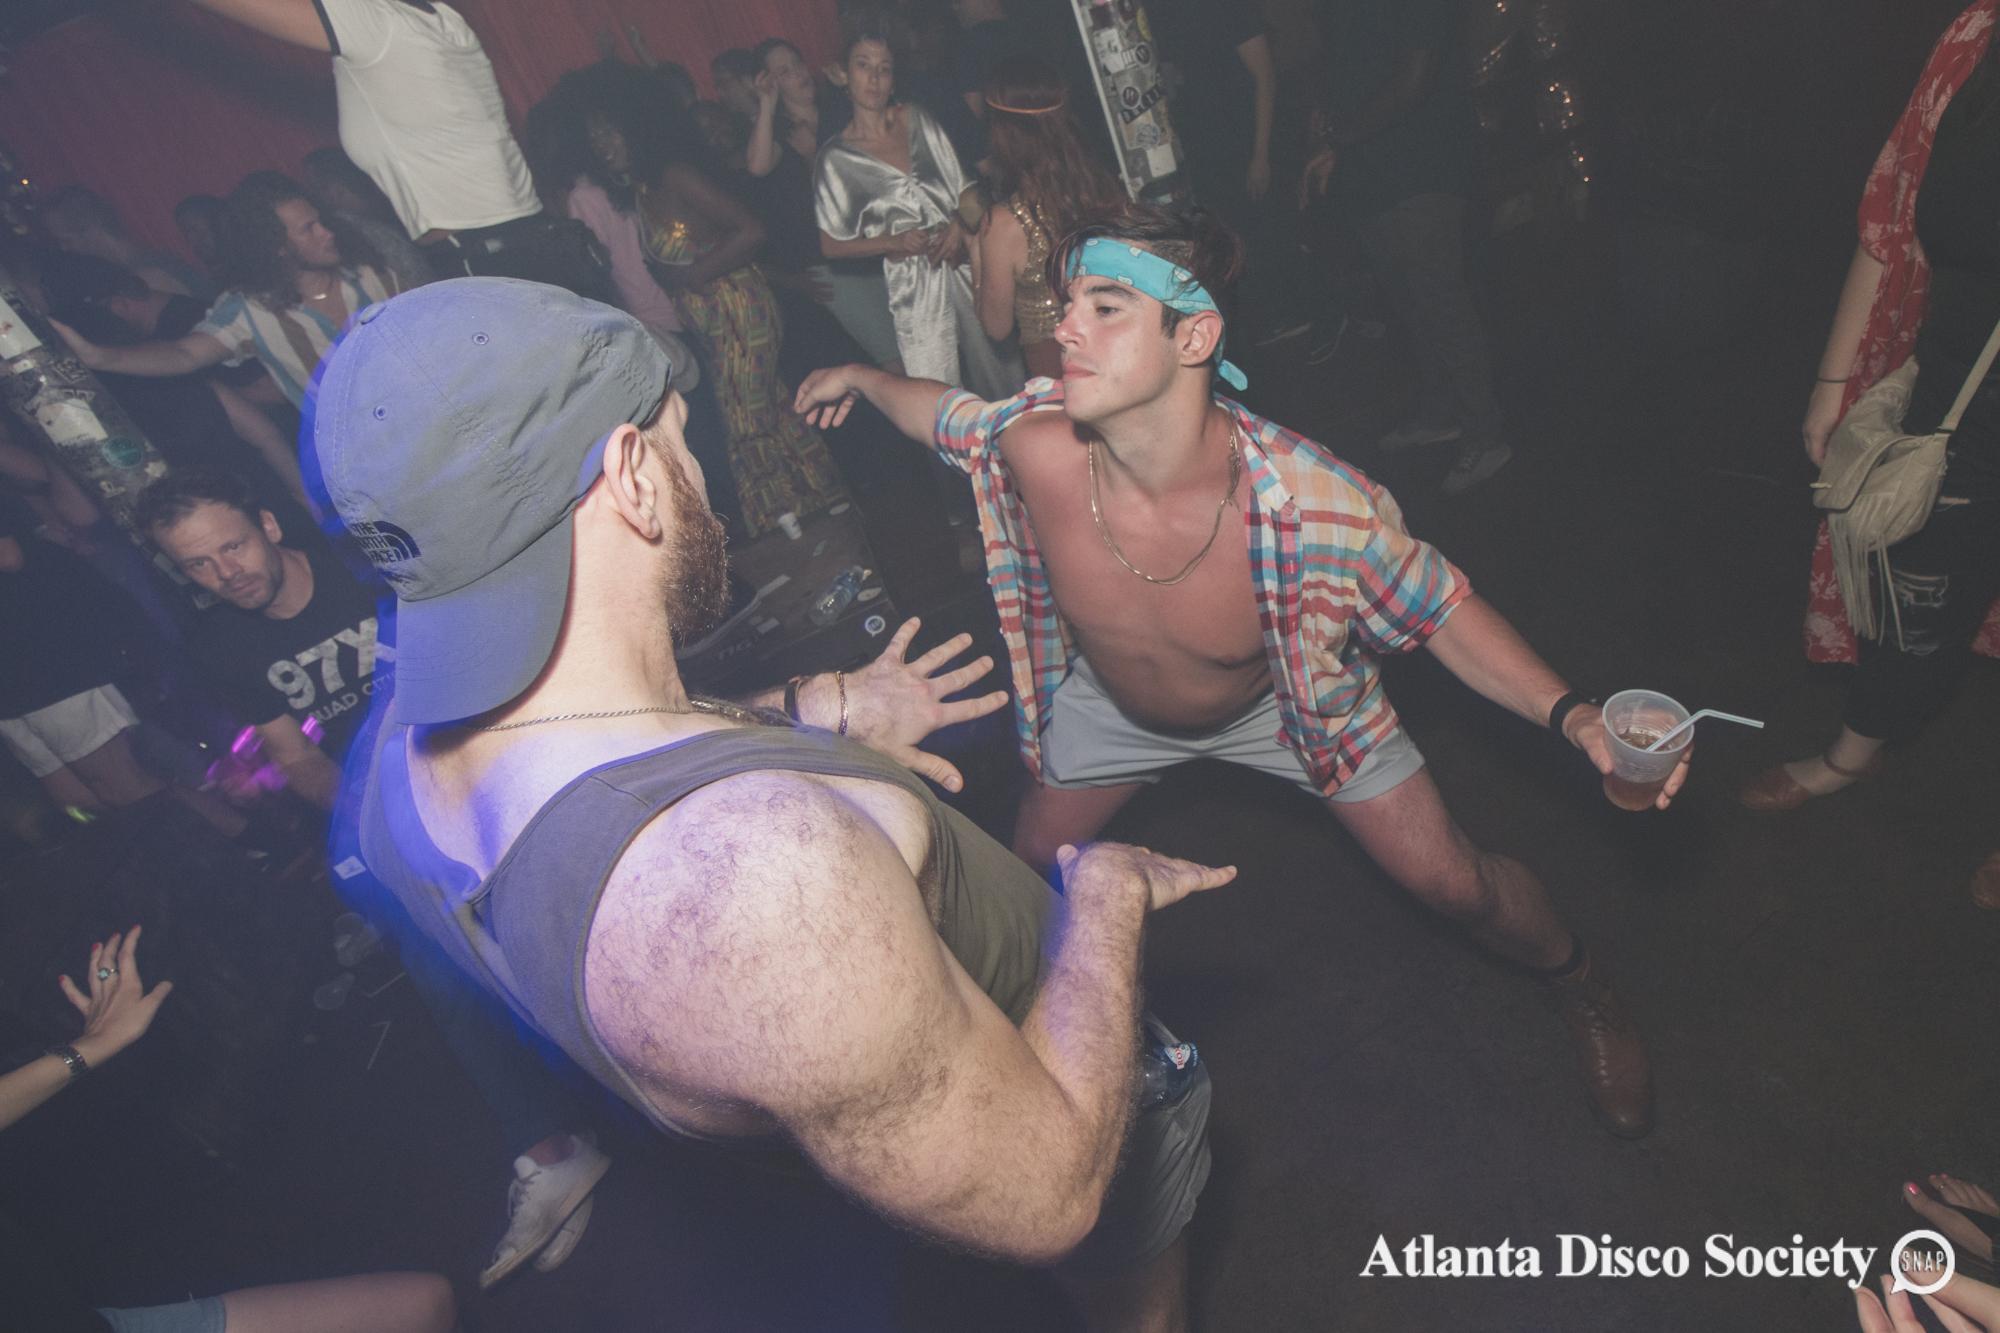 118Atlanta Disco Society Grace Kelly Oh Snap Kid 7.27.19.jpg